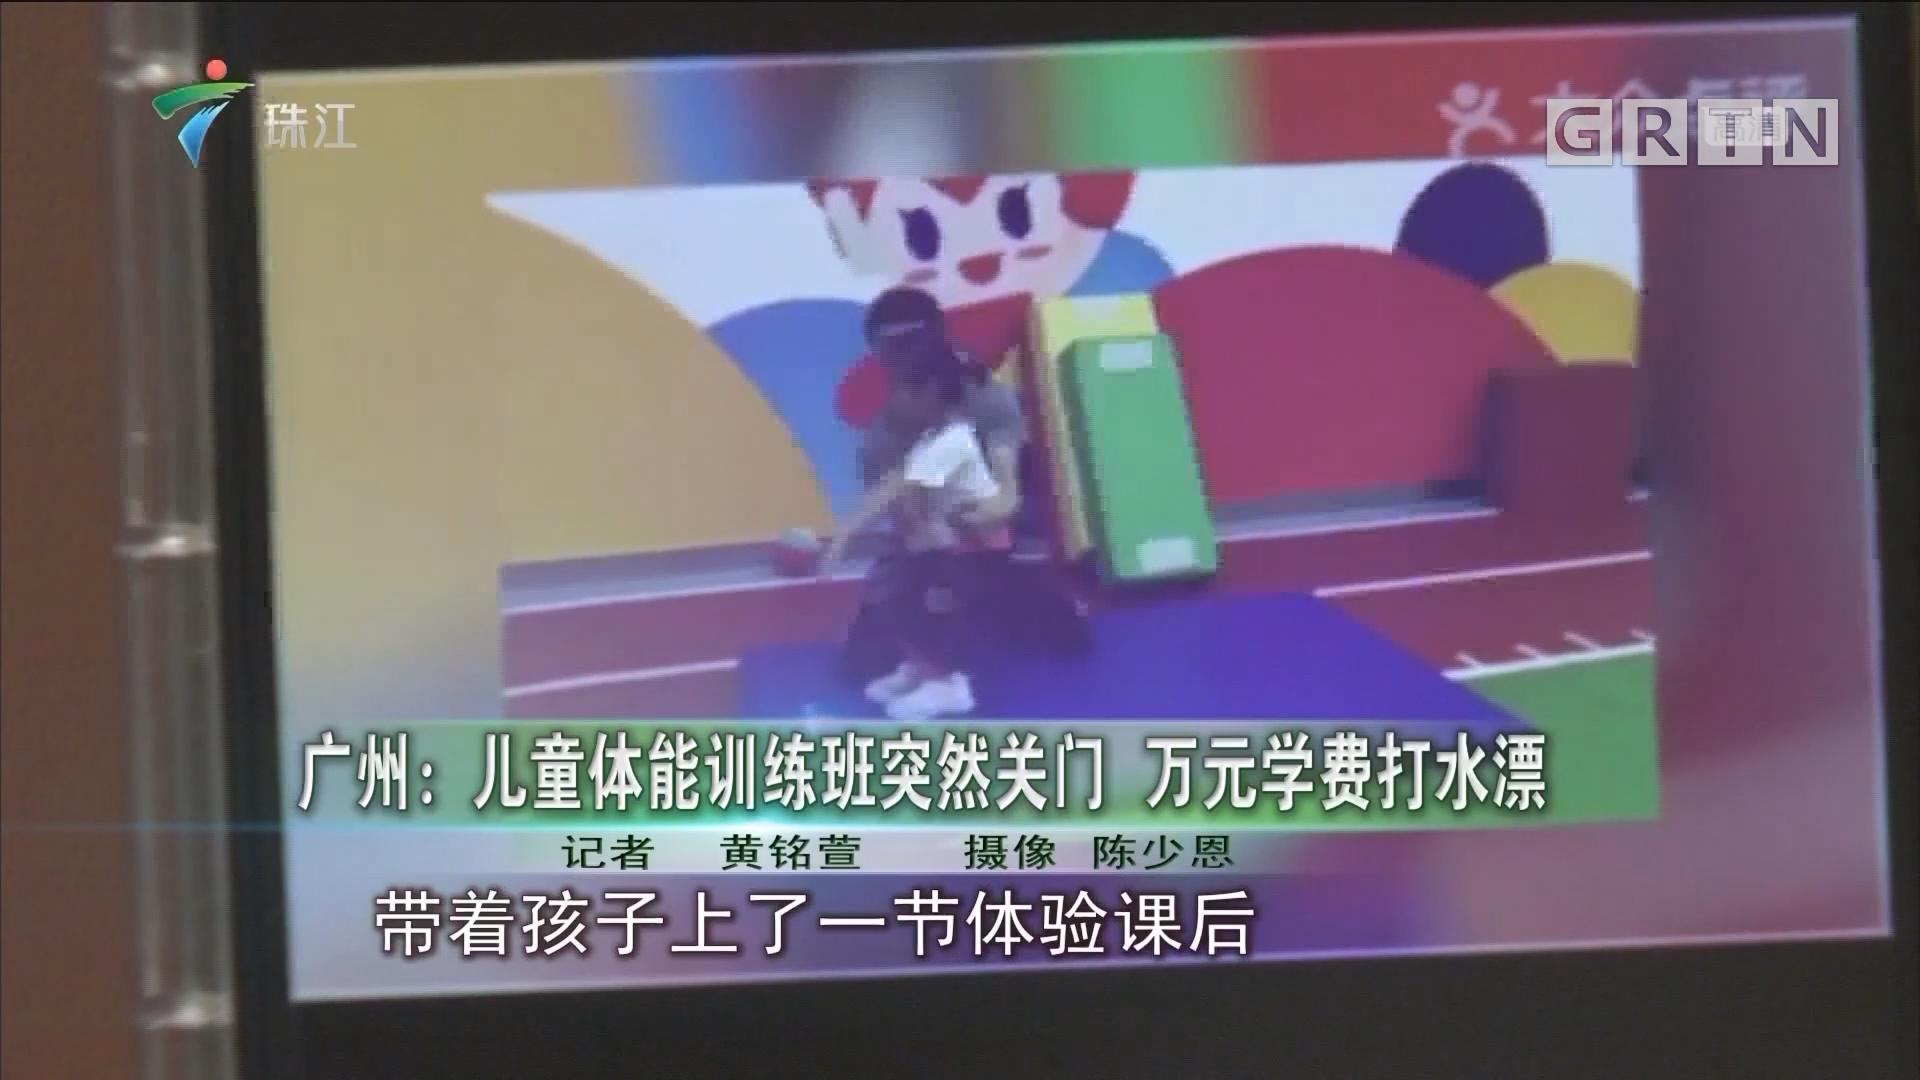 广州:儿童体能训练班突然关门 万元学费打水漂